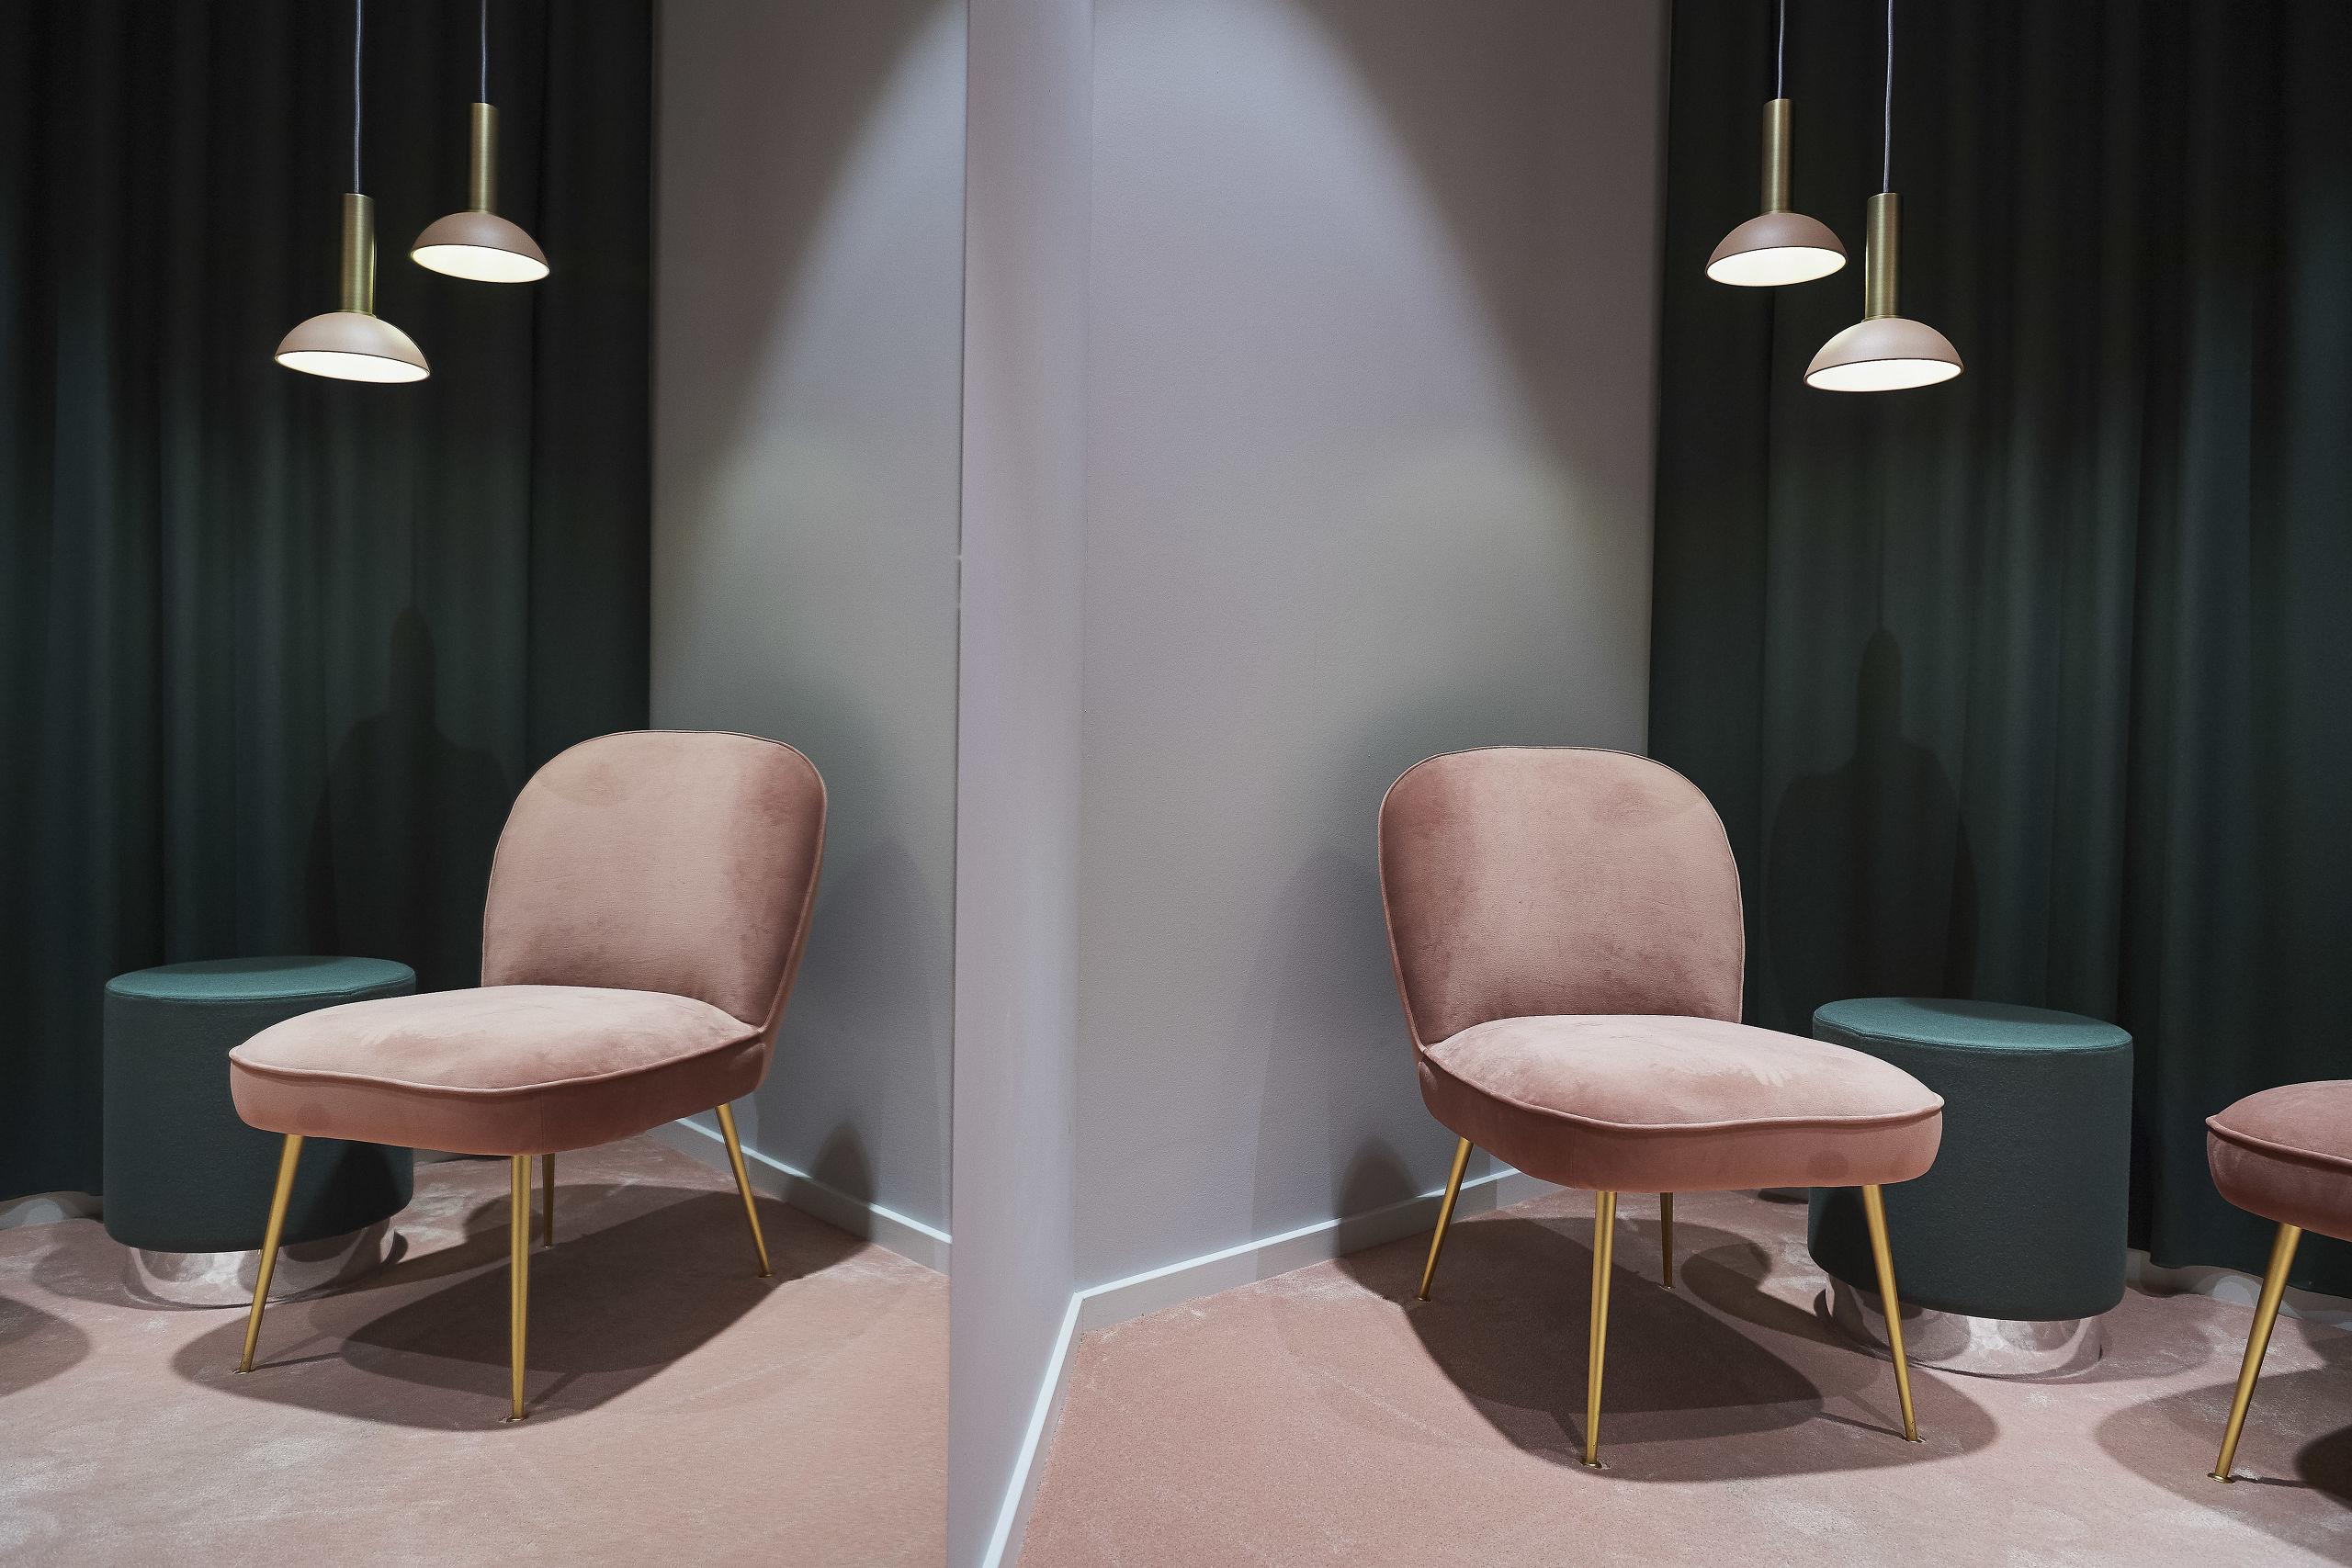 Kunden har fred og ro til at prøve tøj i et rum, hvor indretningen heller ikke er overladt til tilfældigheder. Foto: Laura Guldhammer